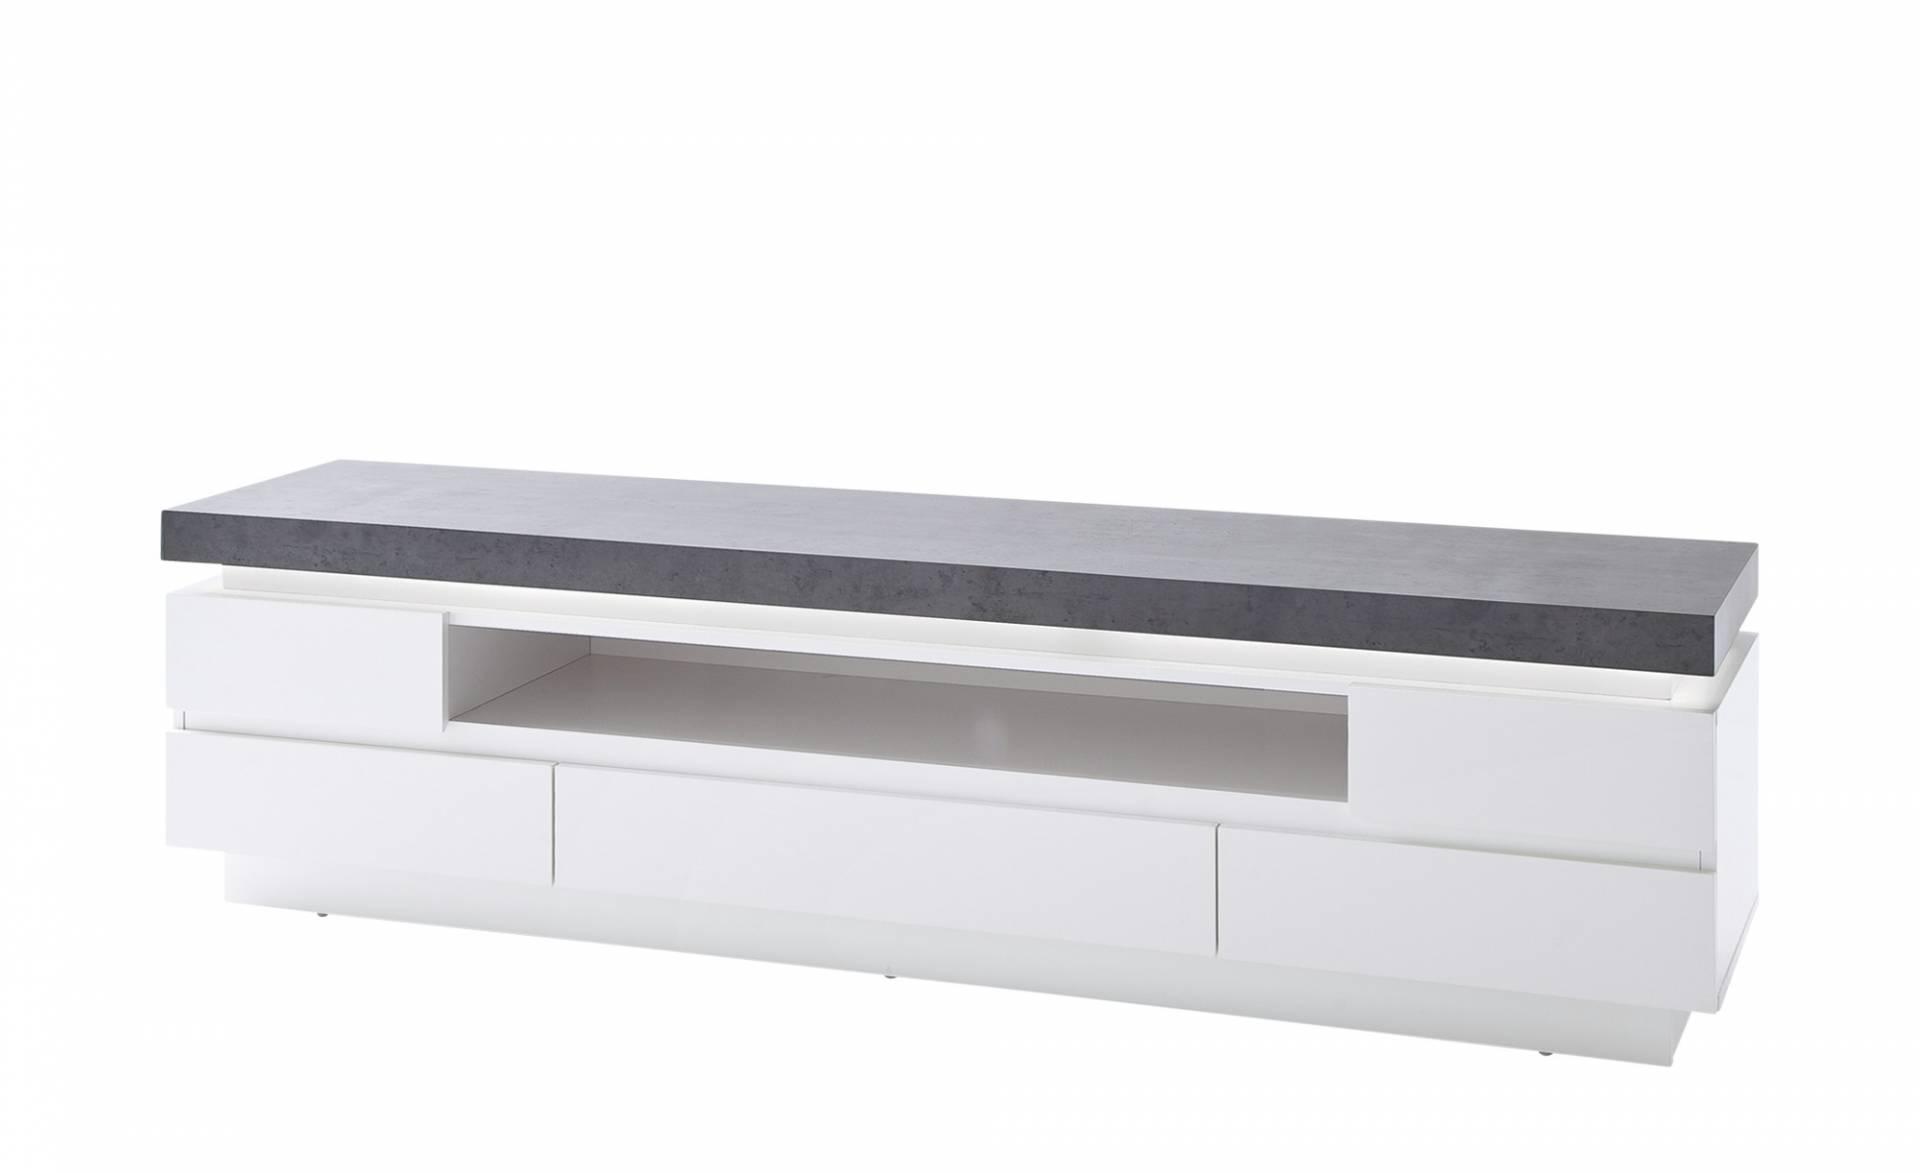 tv racks und weitere schr nke g nstig online kaufen bei m bel garten. Black Bedroom Furniture Sets. Home Design Ideas